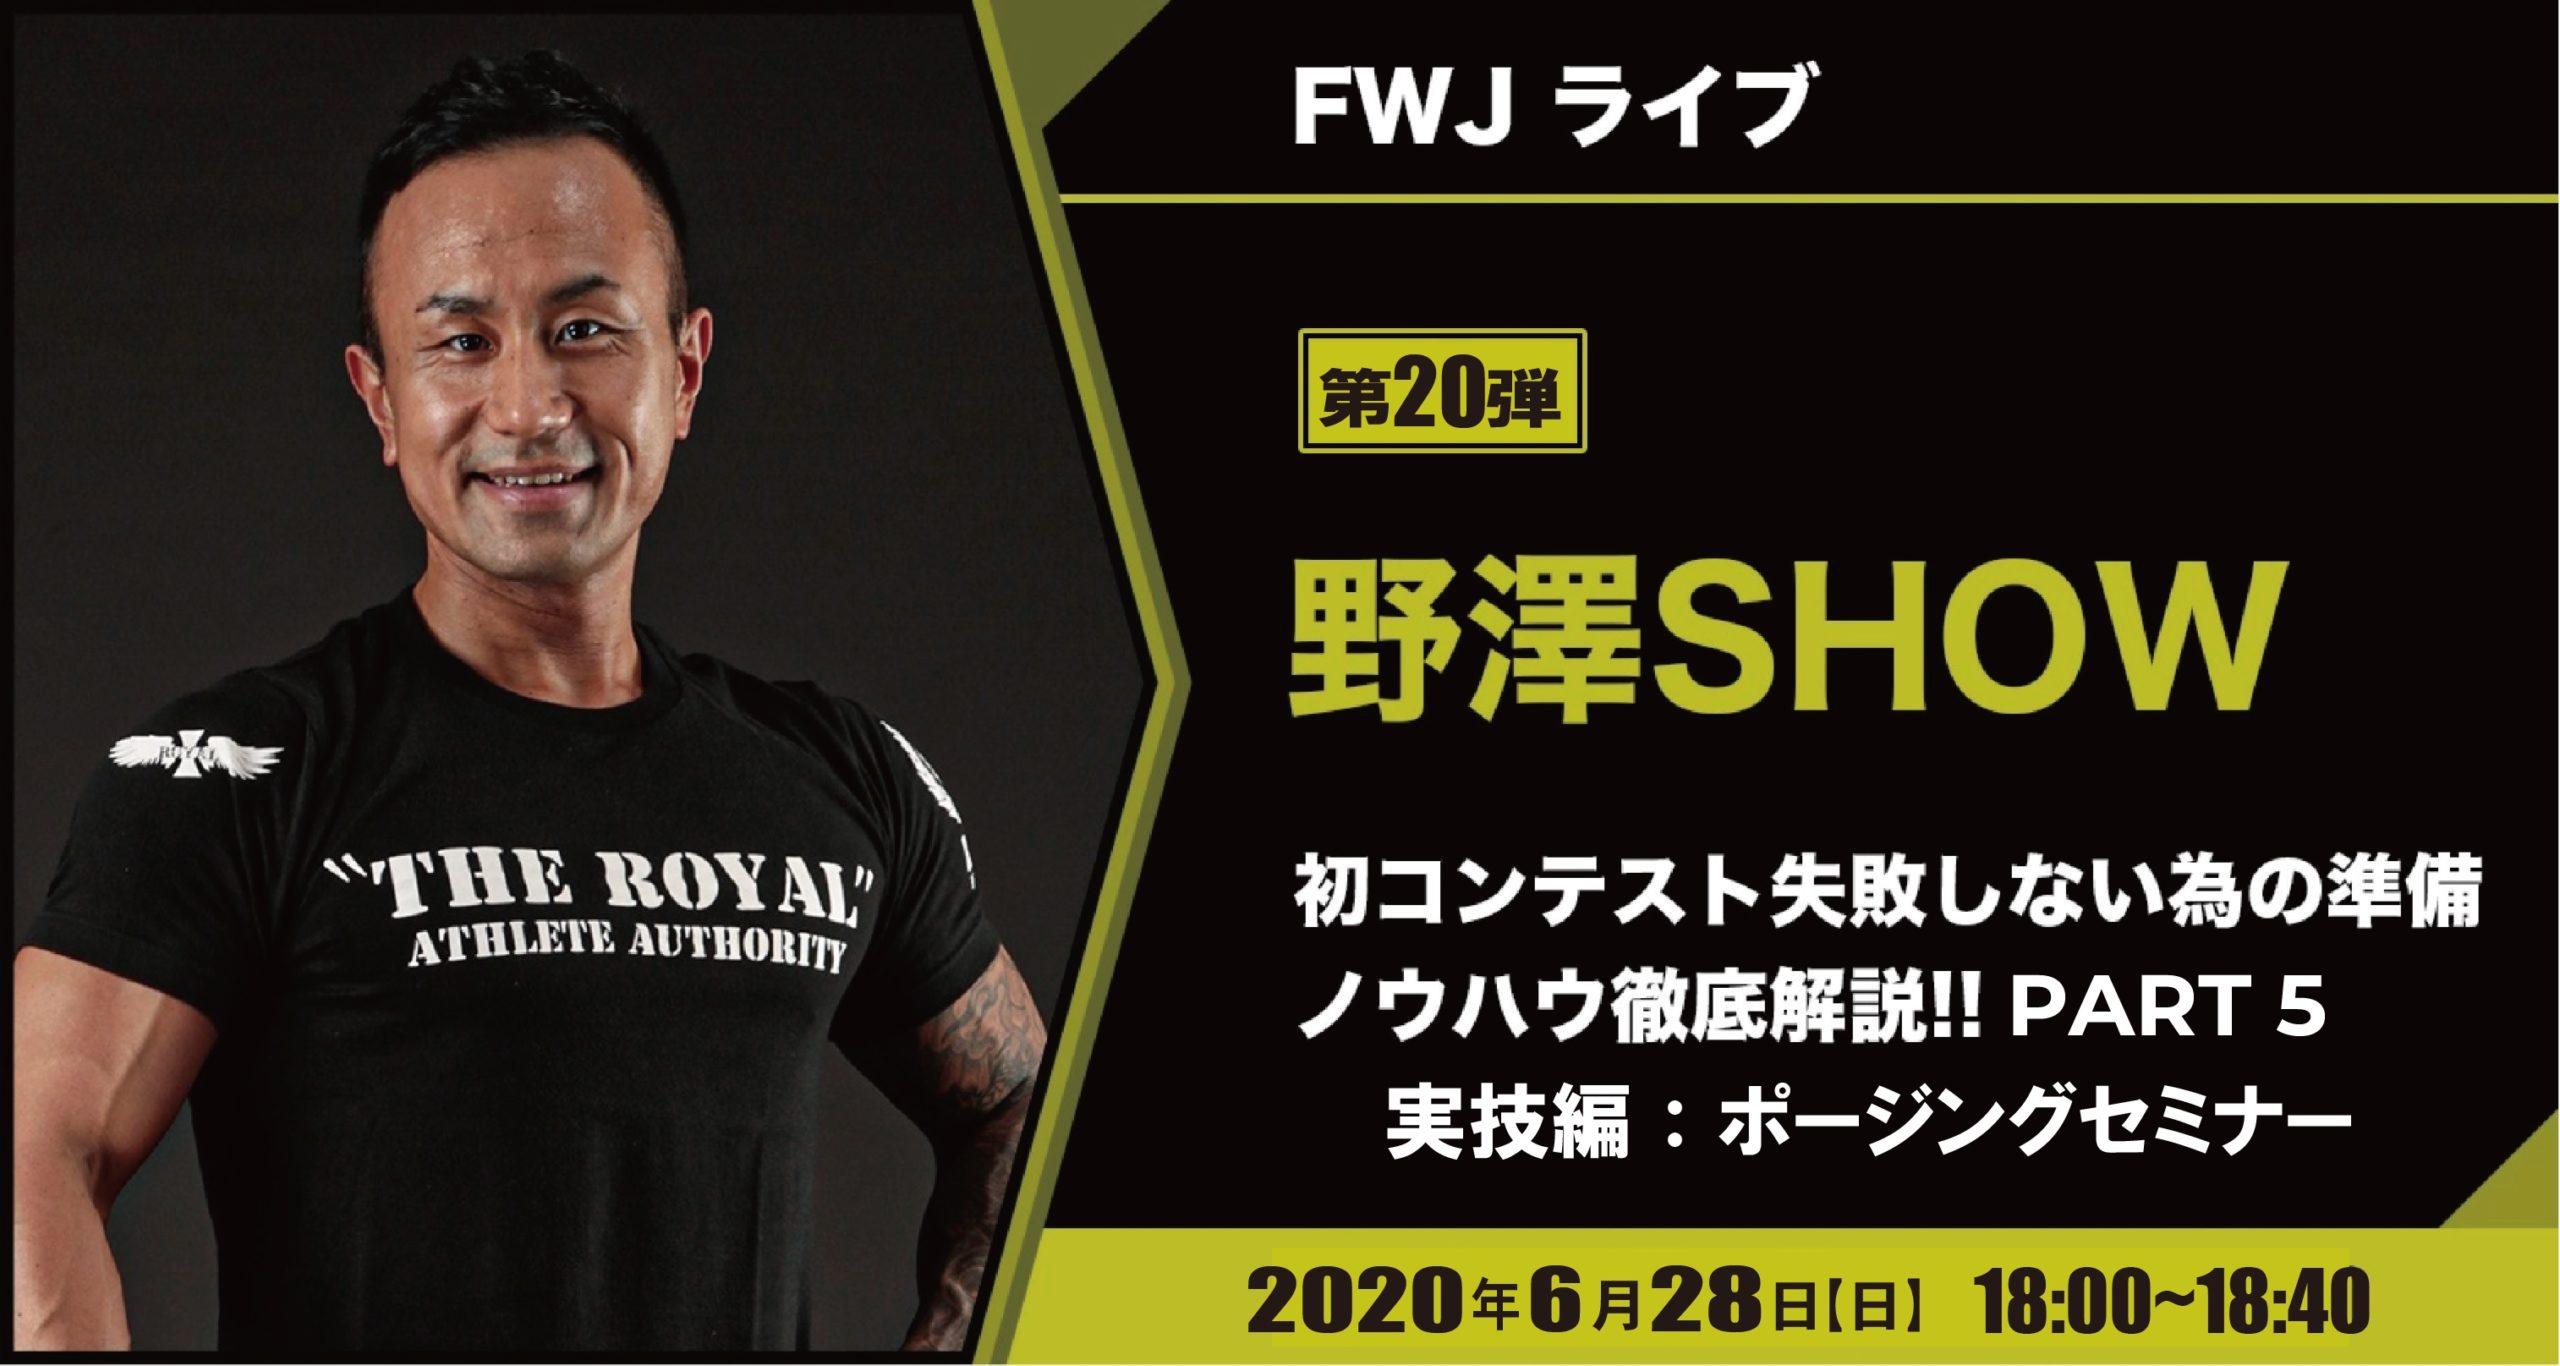 FWJライブ第20弾「野澤SHOW」実技編:明日から出来る!!! 初コンテスト出場の準備 ポージングセミナー!! part5 6/28(日)